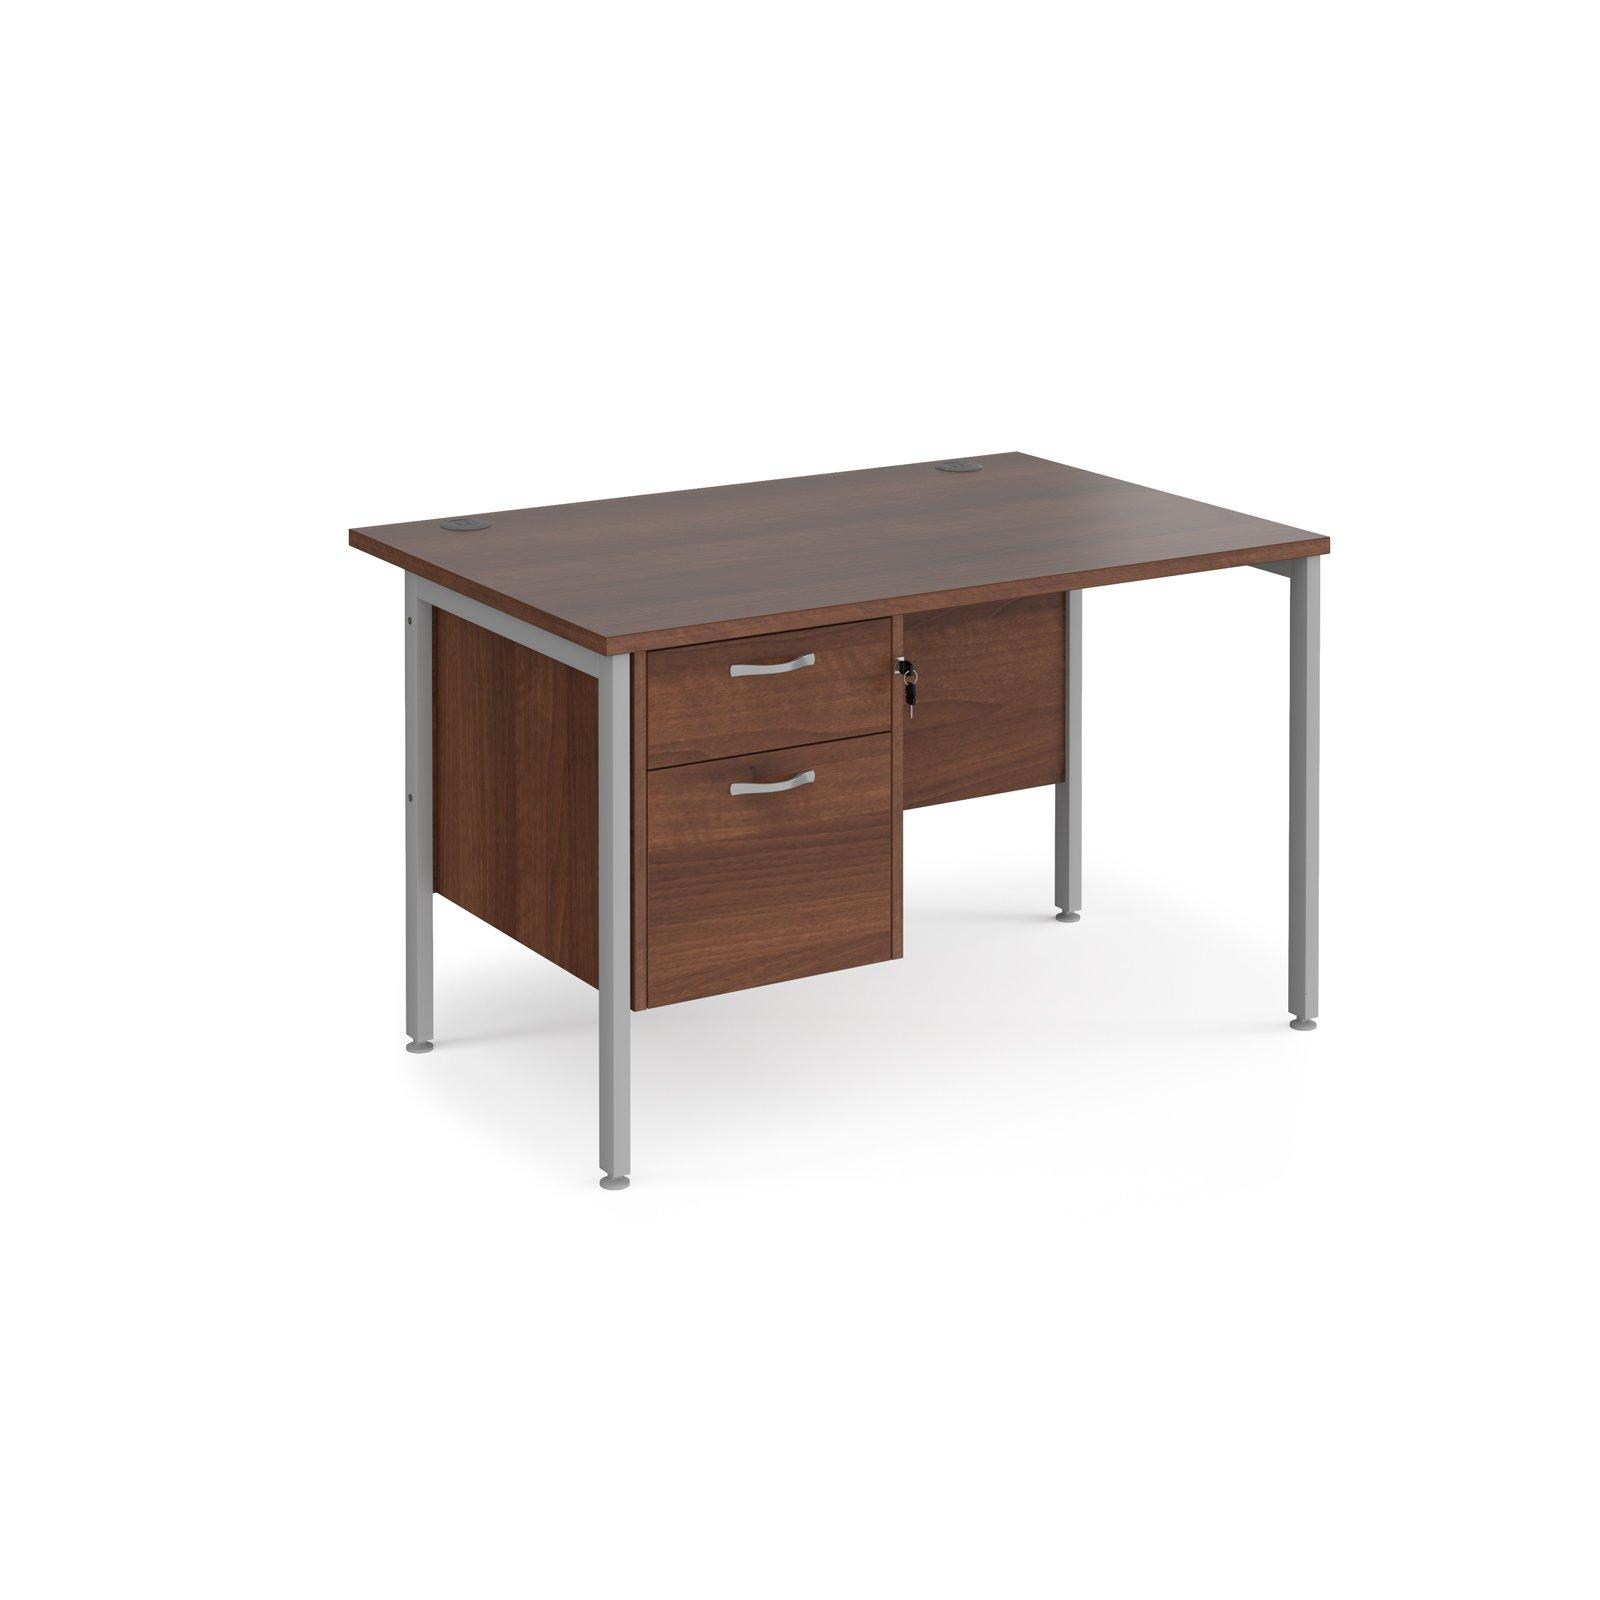 Maestro 25 SL Straight Desk With 2 Drawer Pedestal 1200mm